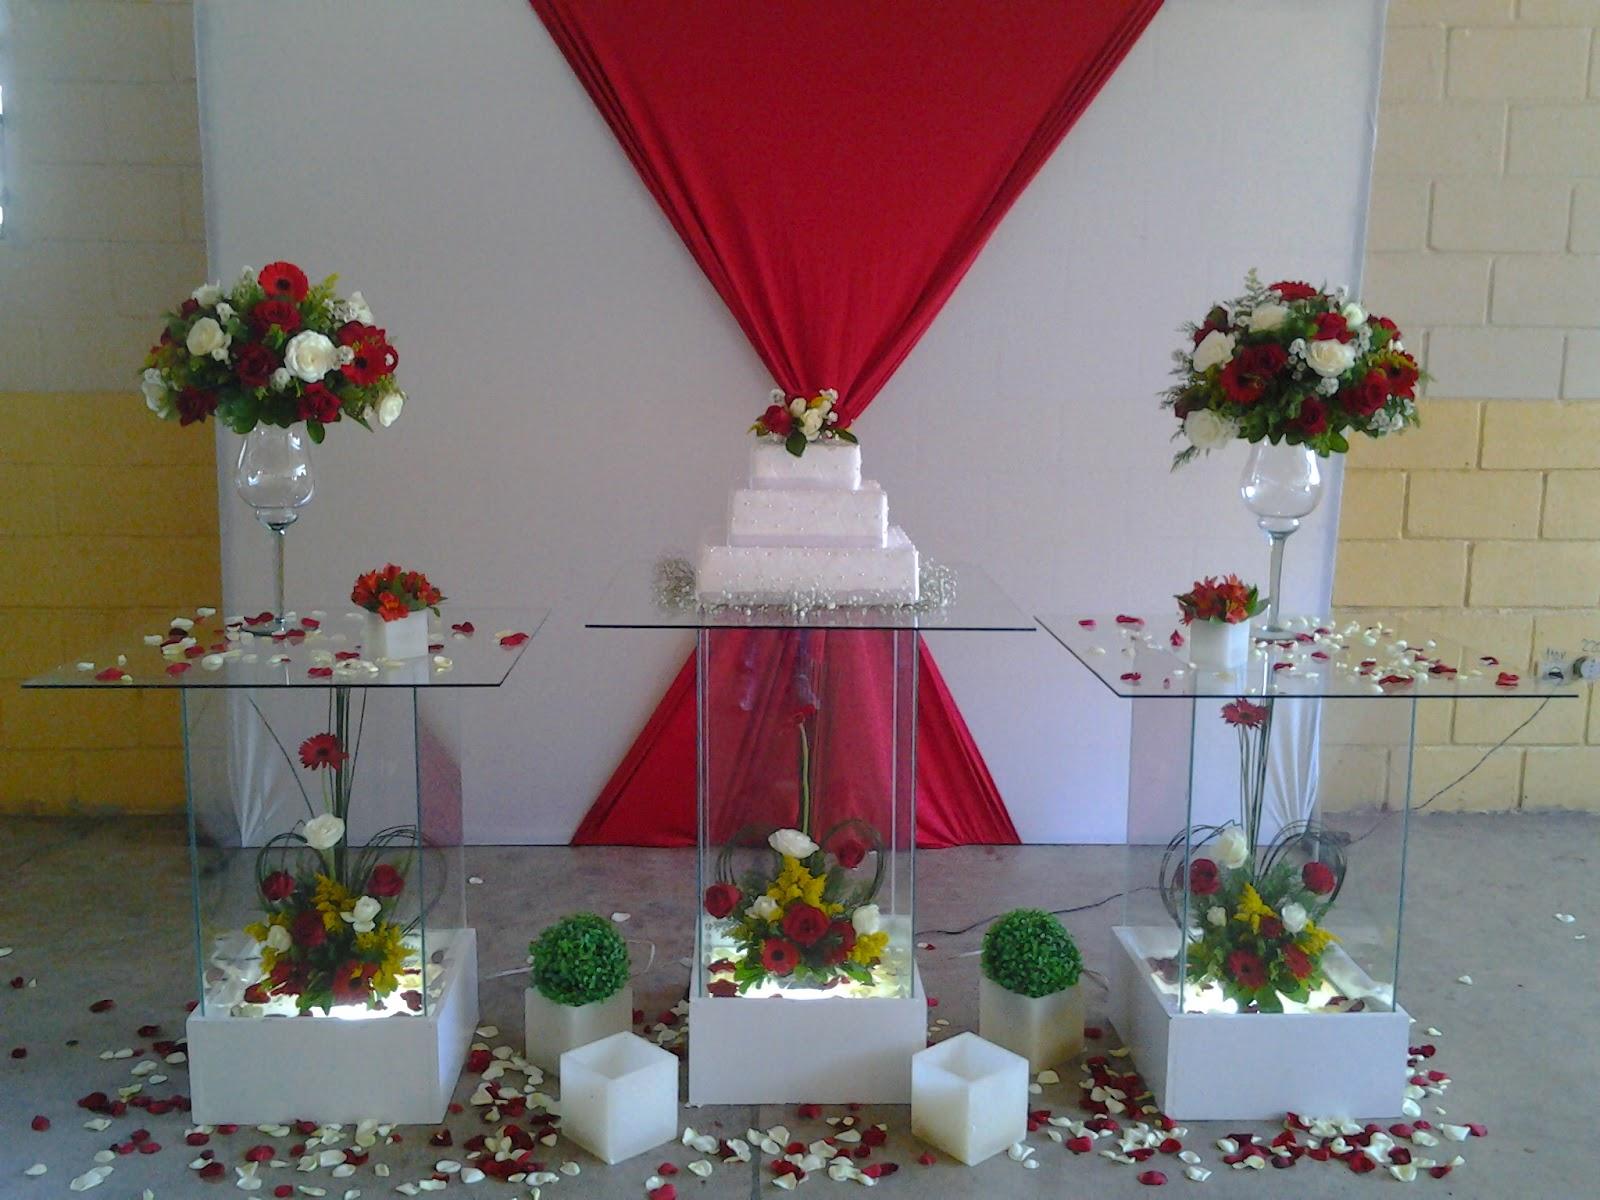 Decoraç u00e3o para Noivado vermelho e Branco -> Decoração De Casamento Simples Com Tnt Vermelho E Branco